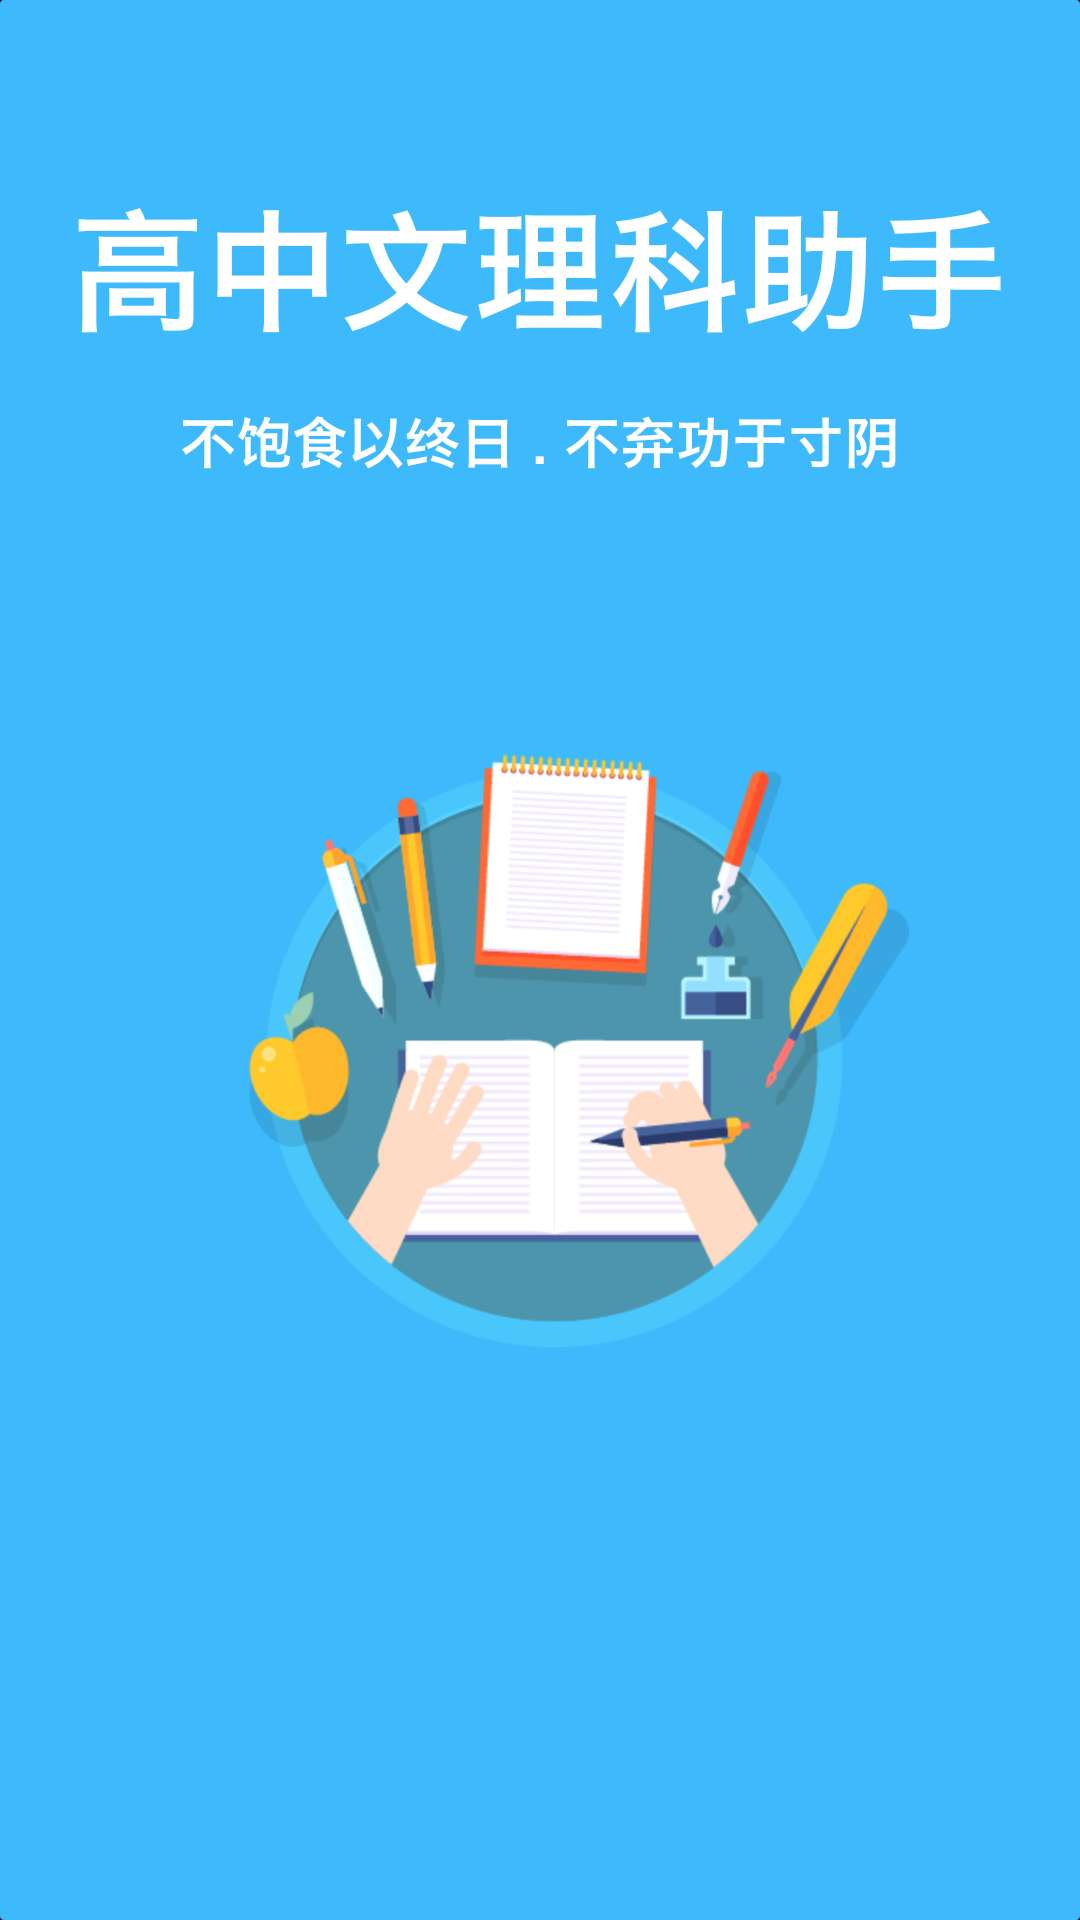 高中文理科助手 V30.0 安卓版截图4